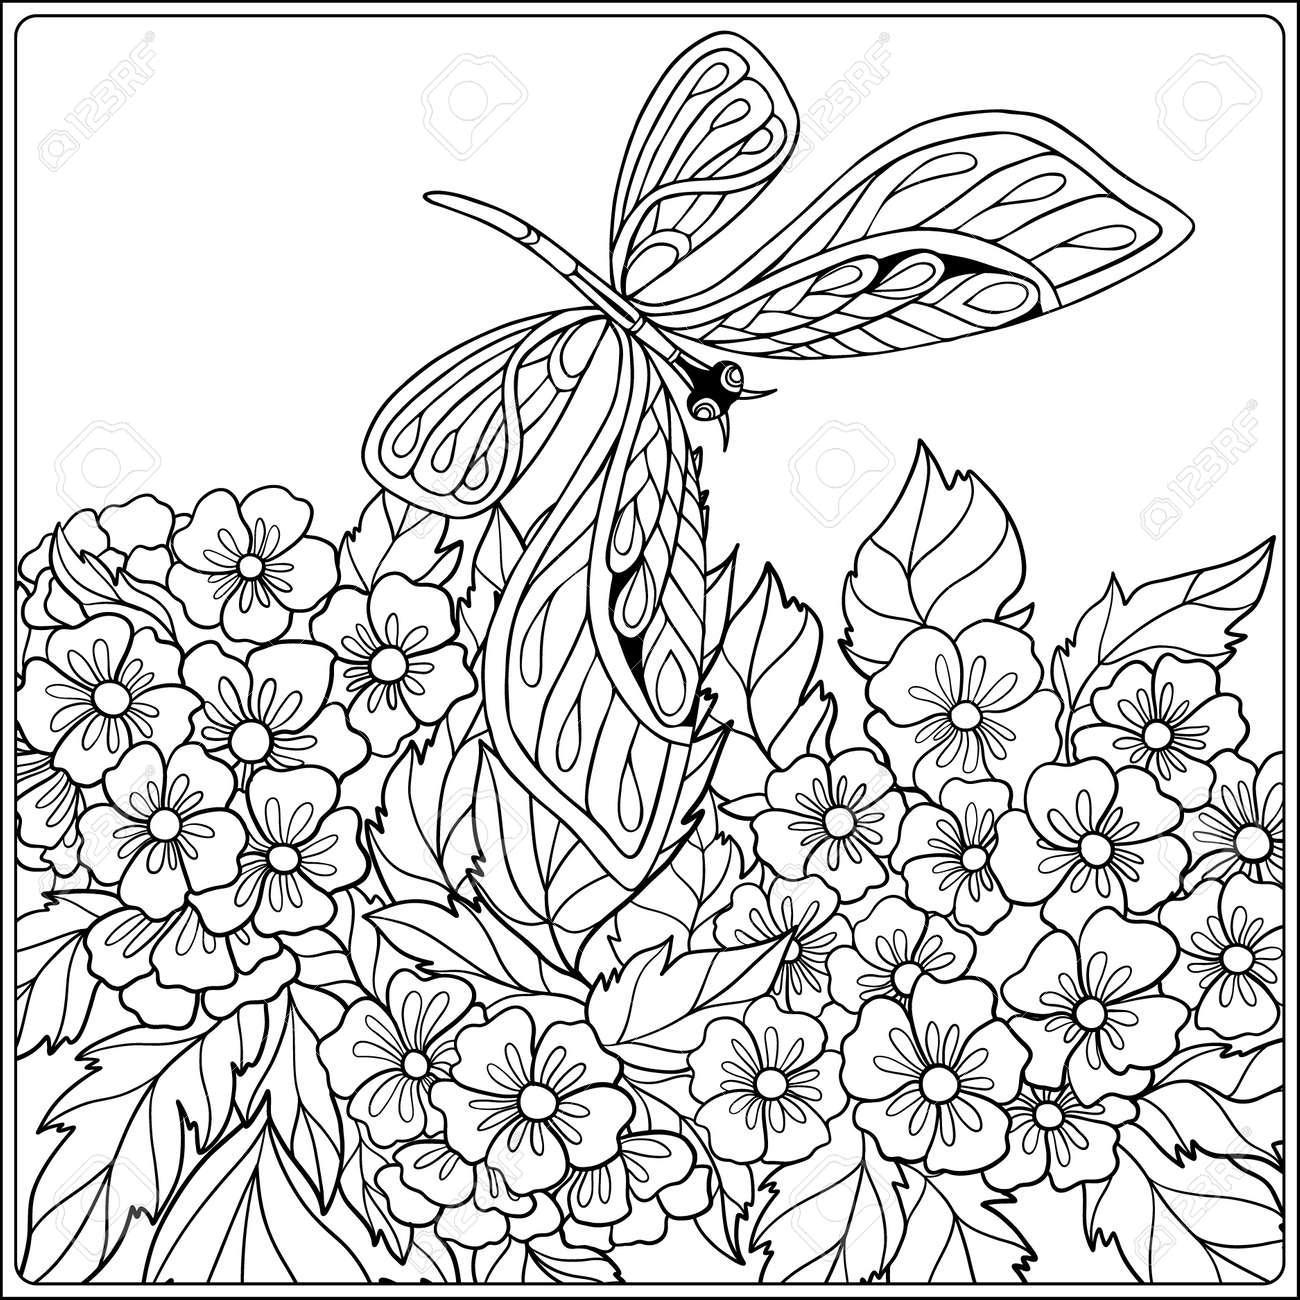 Ausmalbilder Schmetterlinge Blumen : Atemberaubend Malvorlagen Schmetterlinge Und Blumen Zeitgen Ssisch